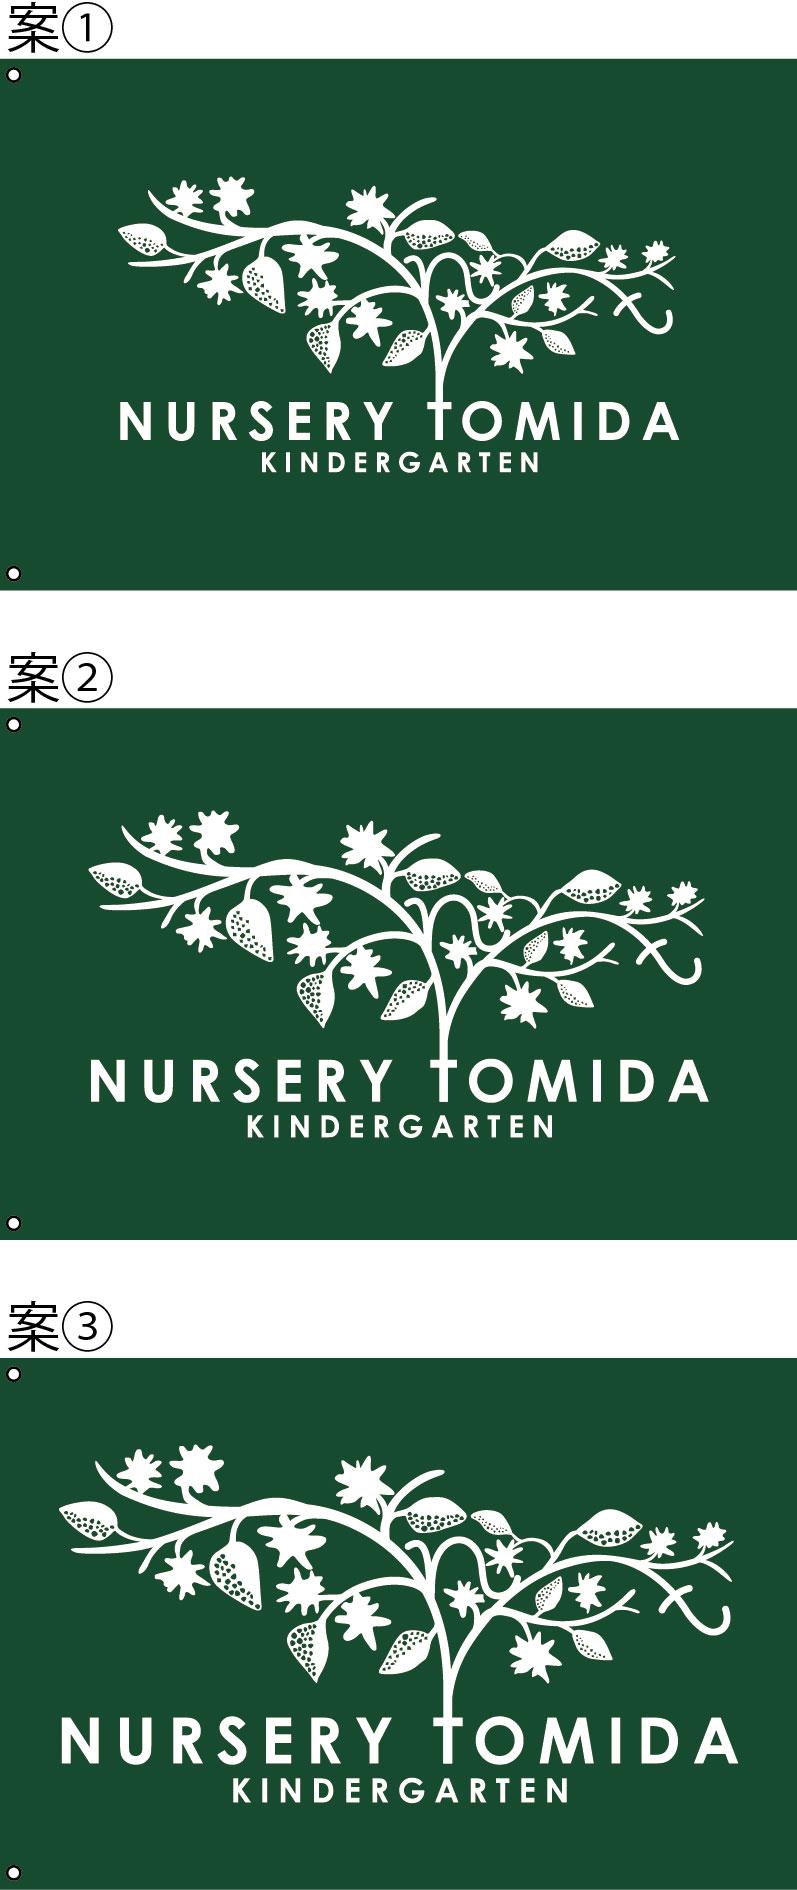 NURSERY TOMIDA 旗